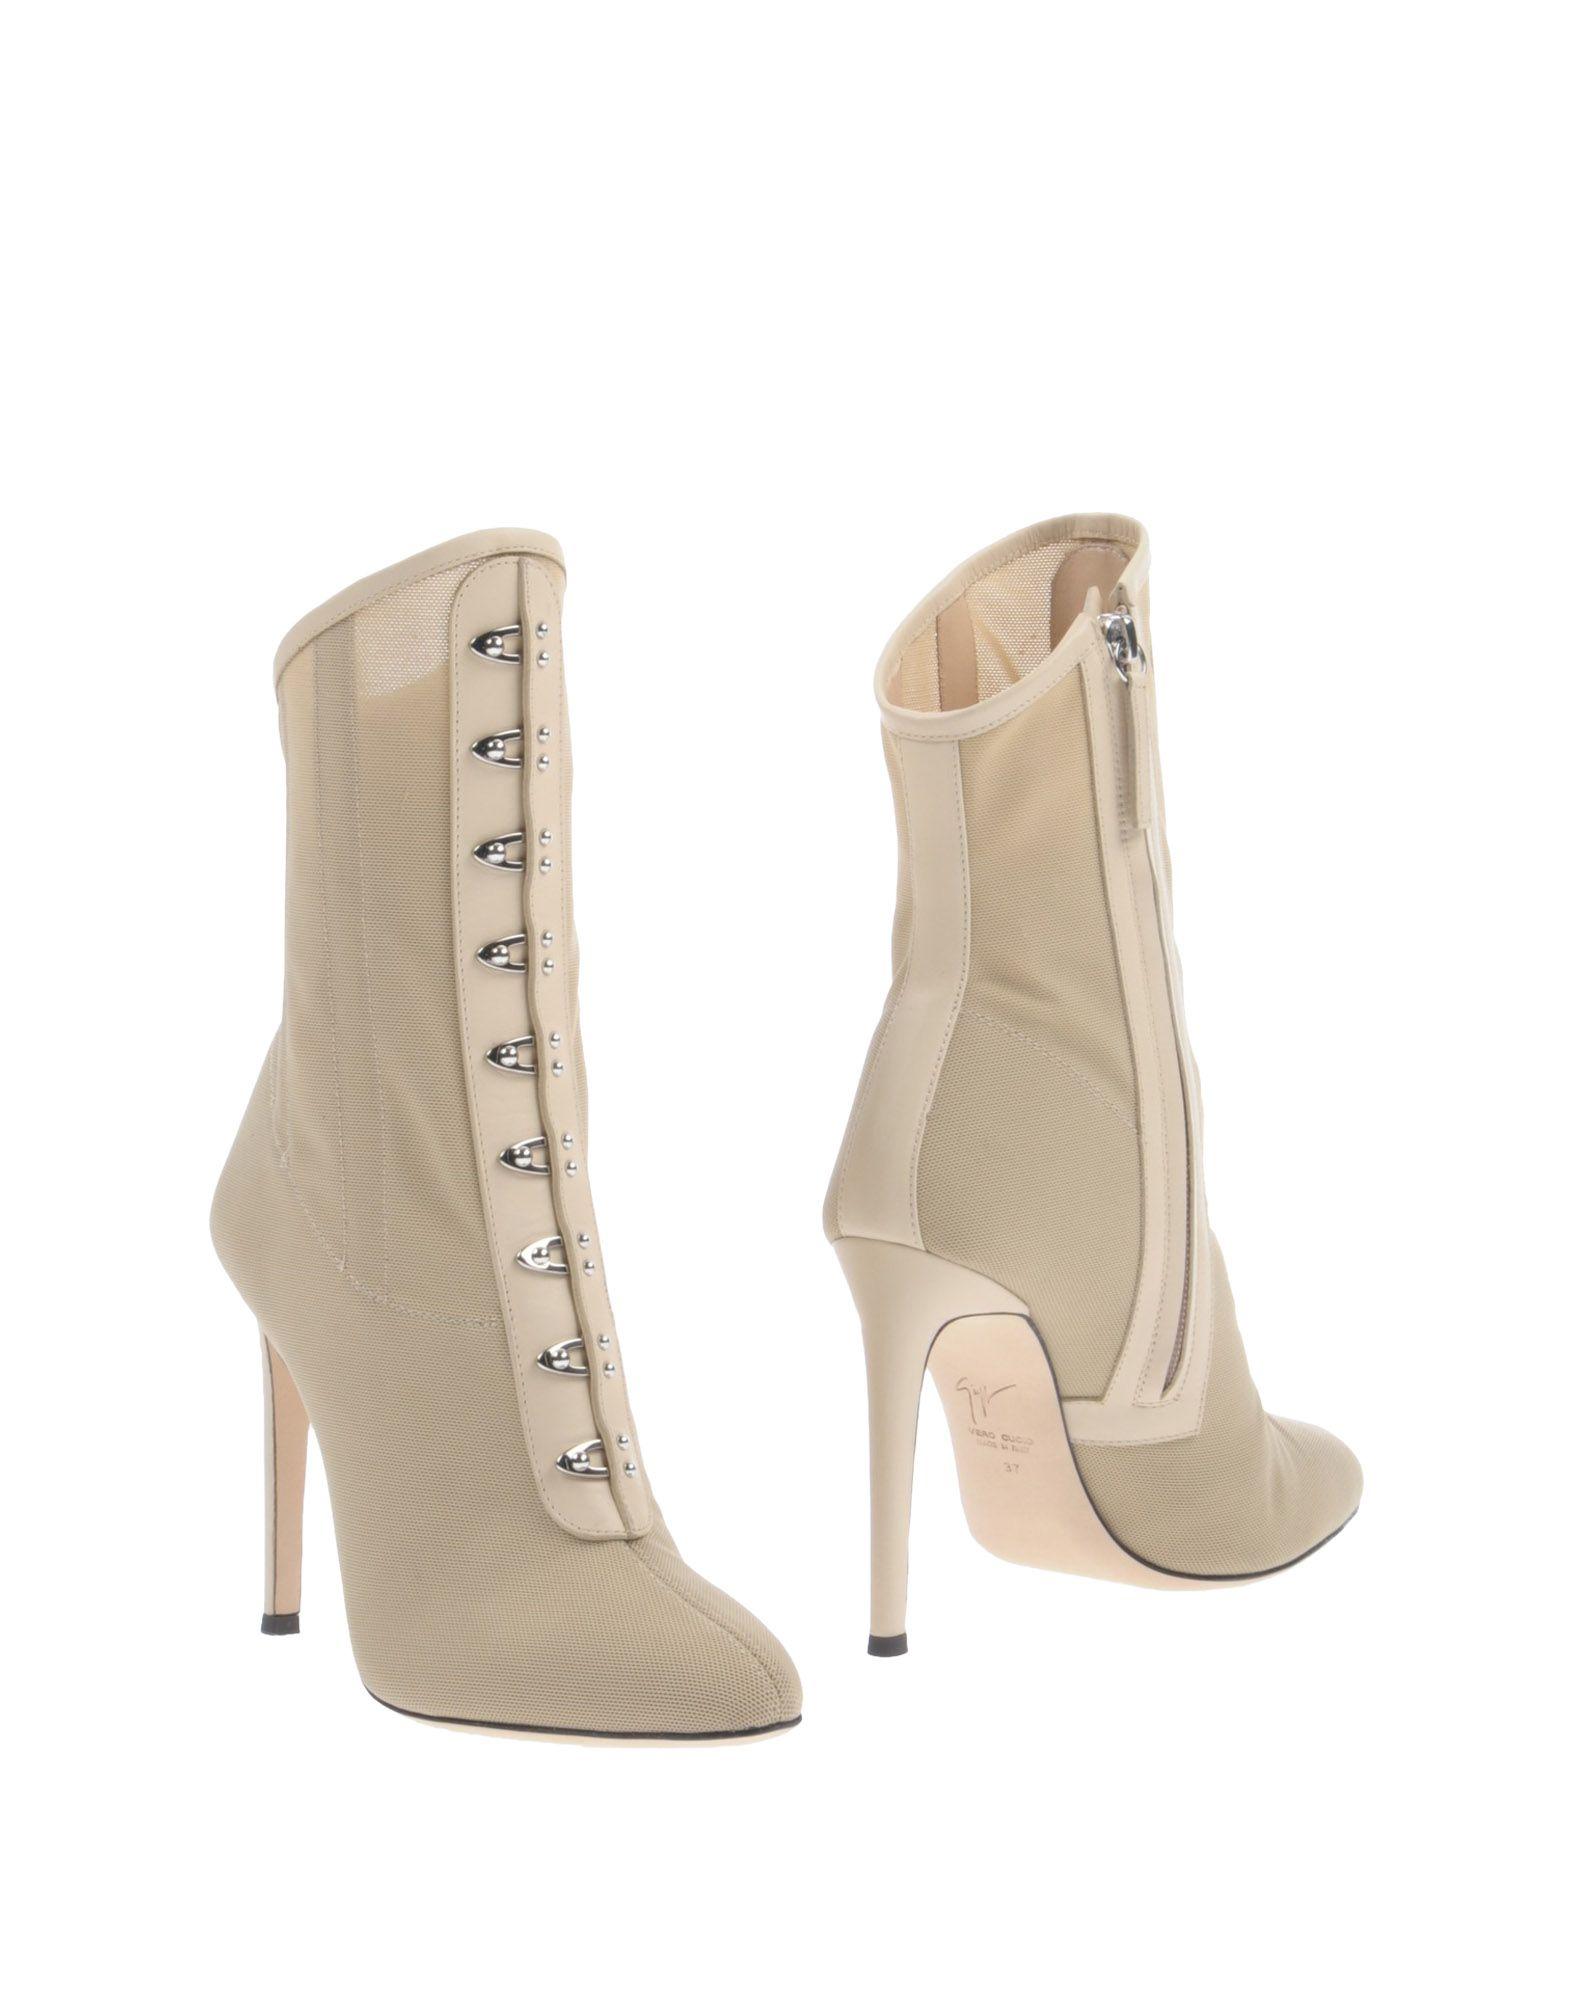 Bottine Giuseppe Zanotti Femme - Bottines Giuseppe Zanotti Beige Les chaussures les plus populaires pour les hommes et les femmes